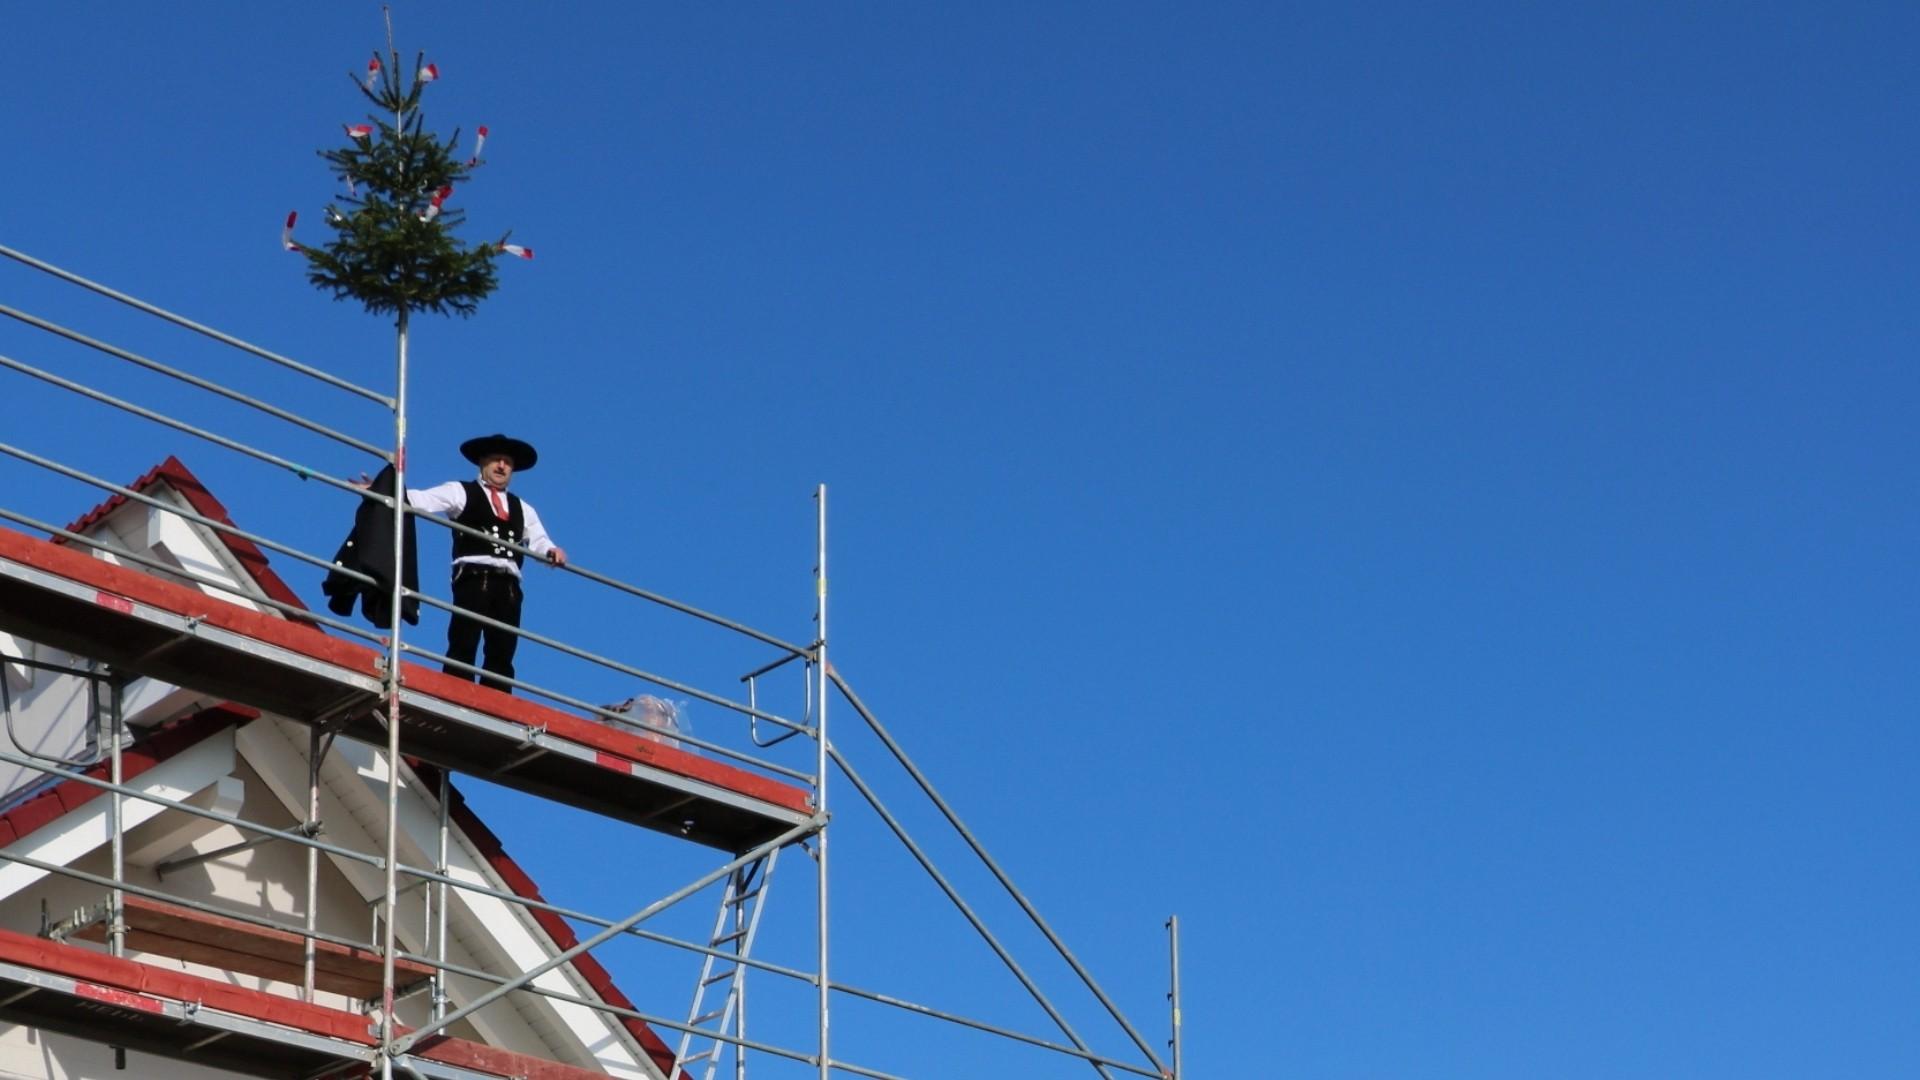 Herzliche Einladung zum Richtfest eines Schäfer Fertighauses in Tuningen am Samstag, den 16. Oktober